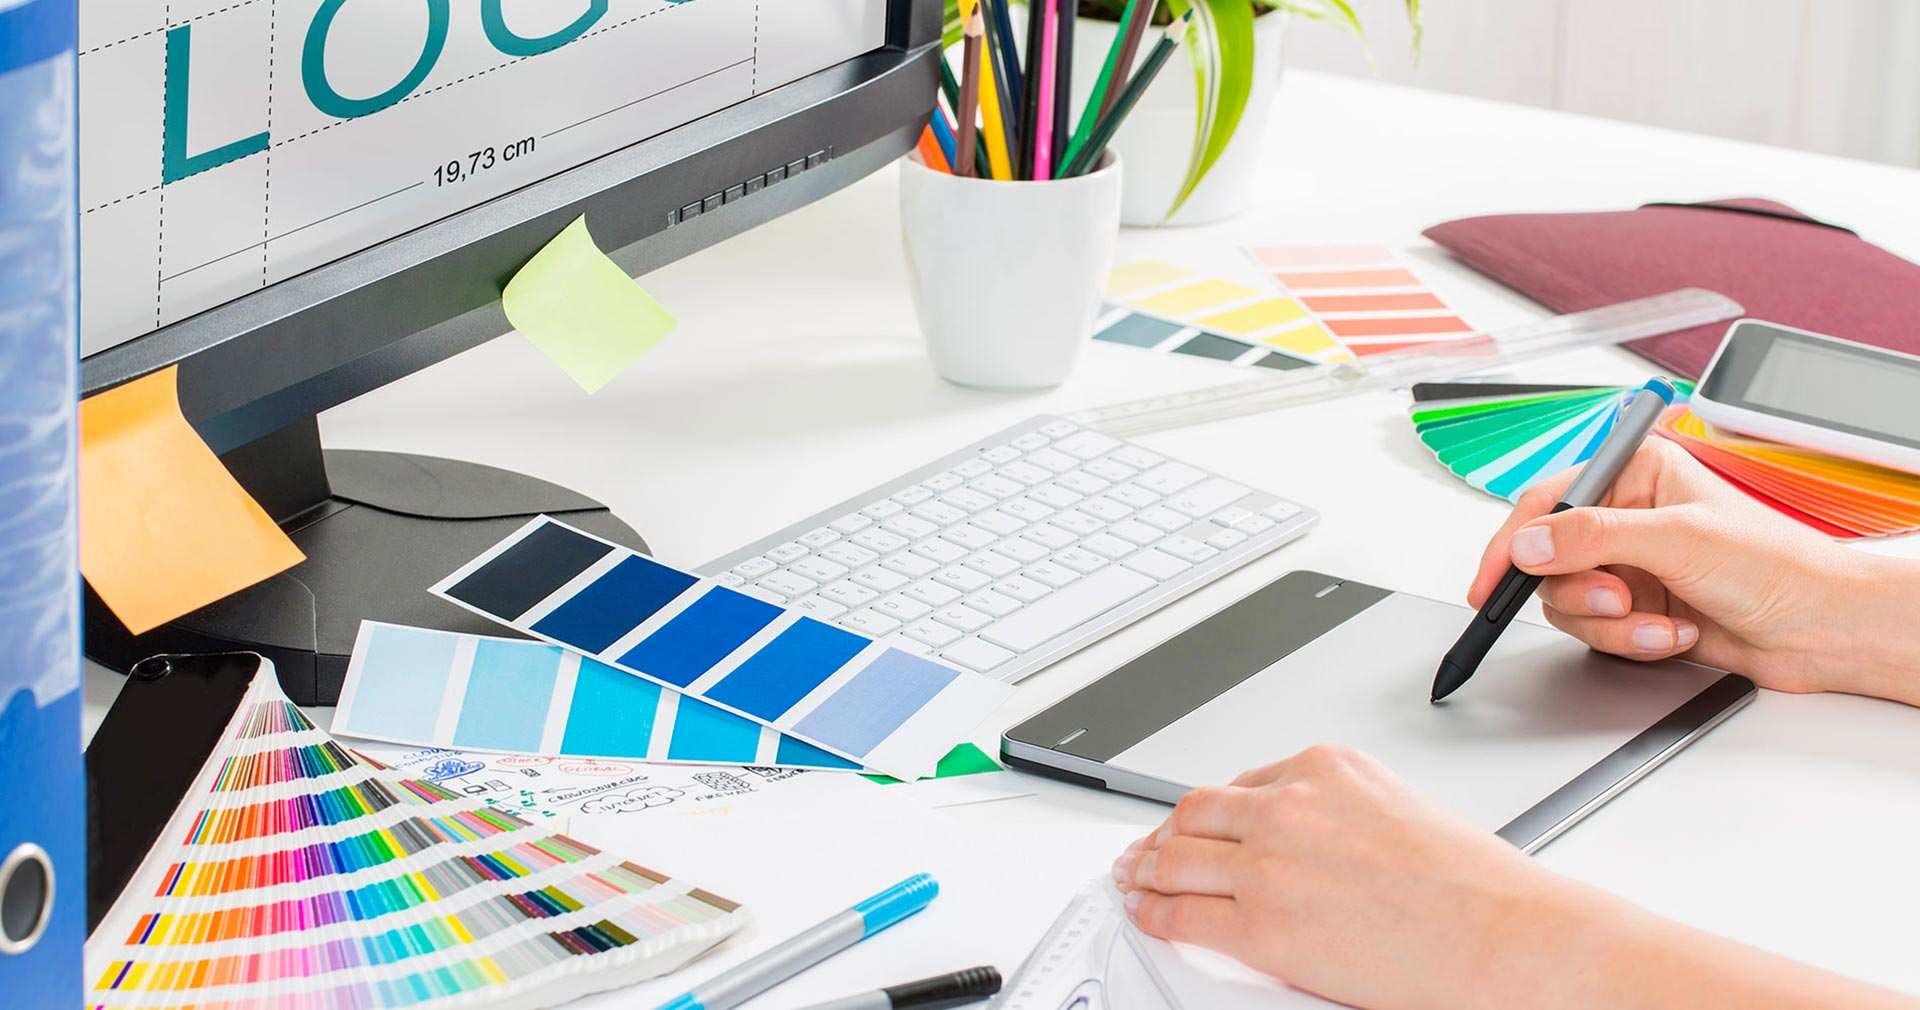 Gráficos-diseñador-trabajos-para-universitarios-estudiantes